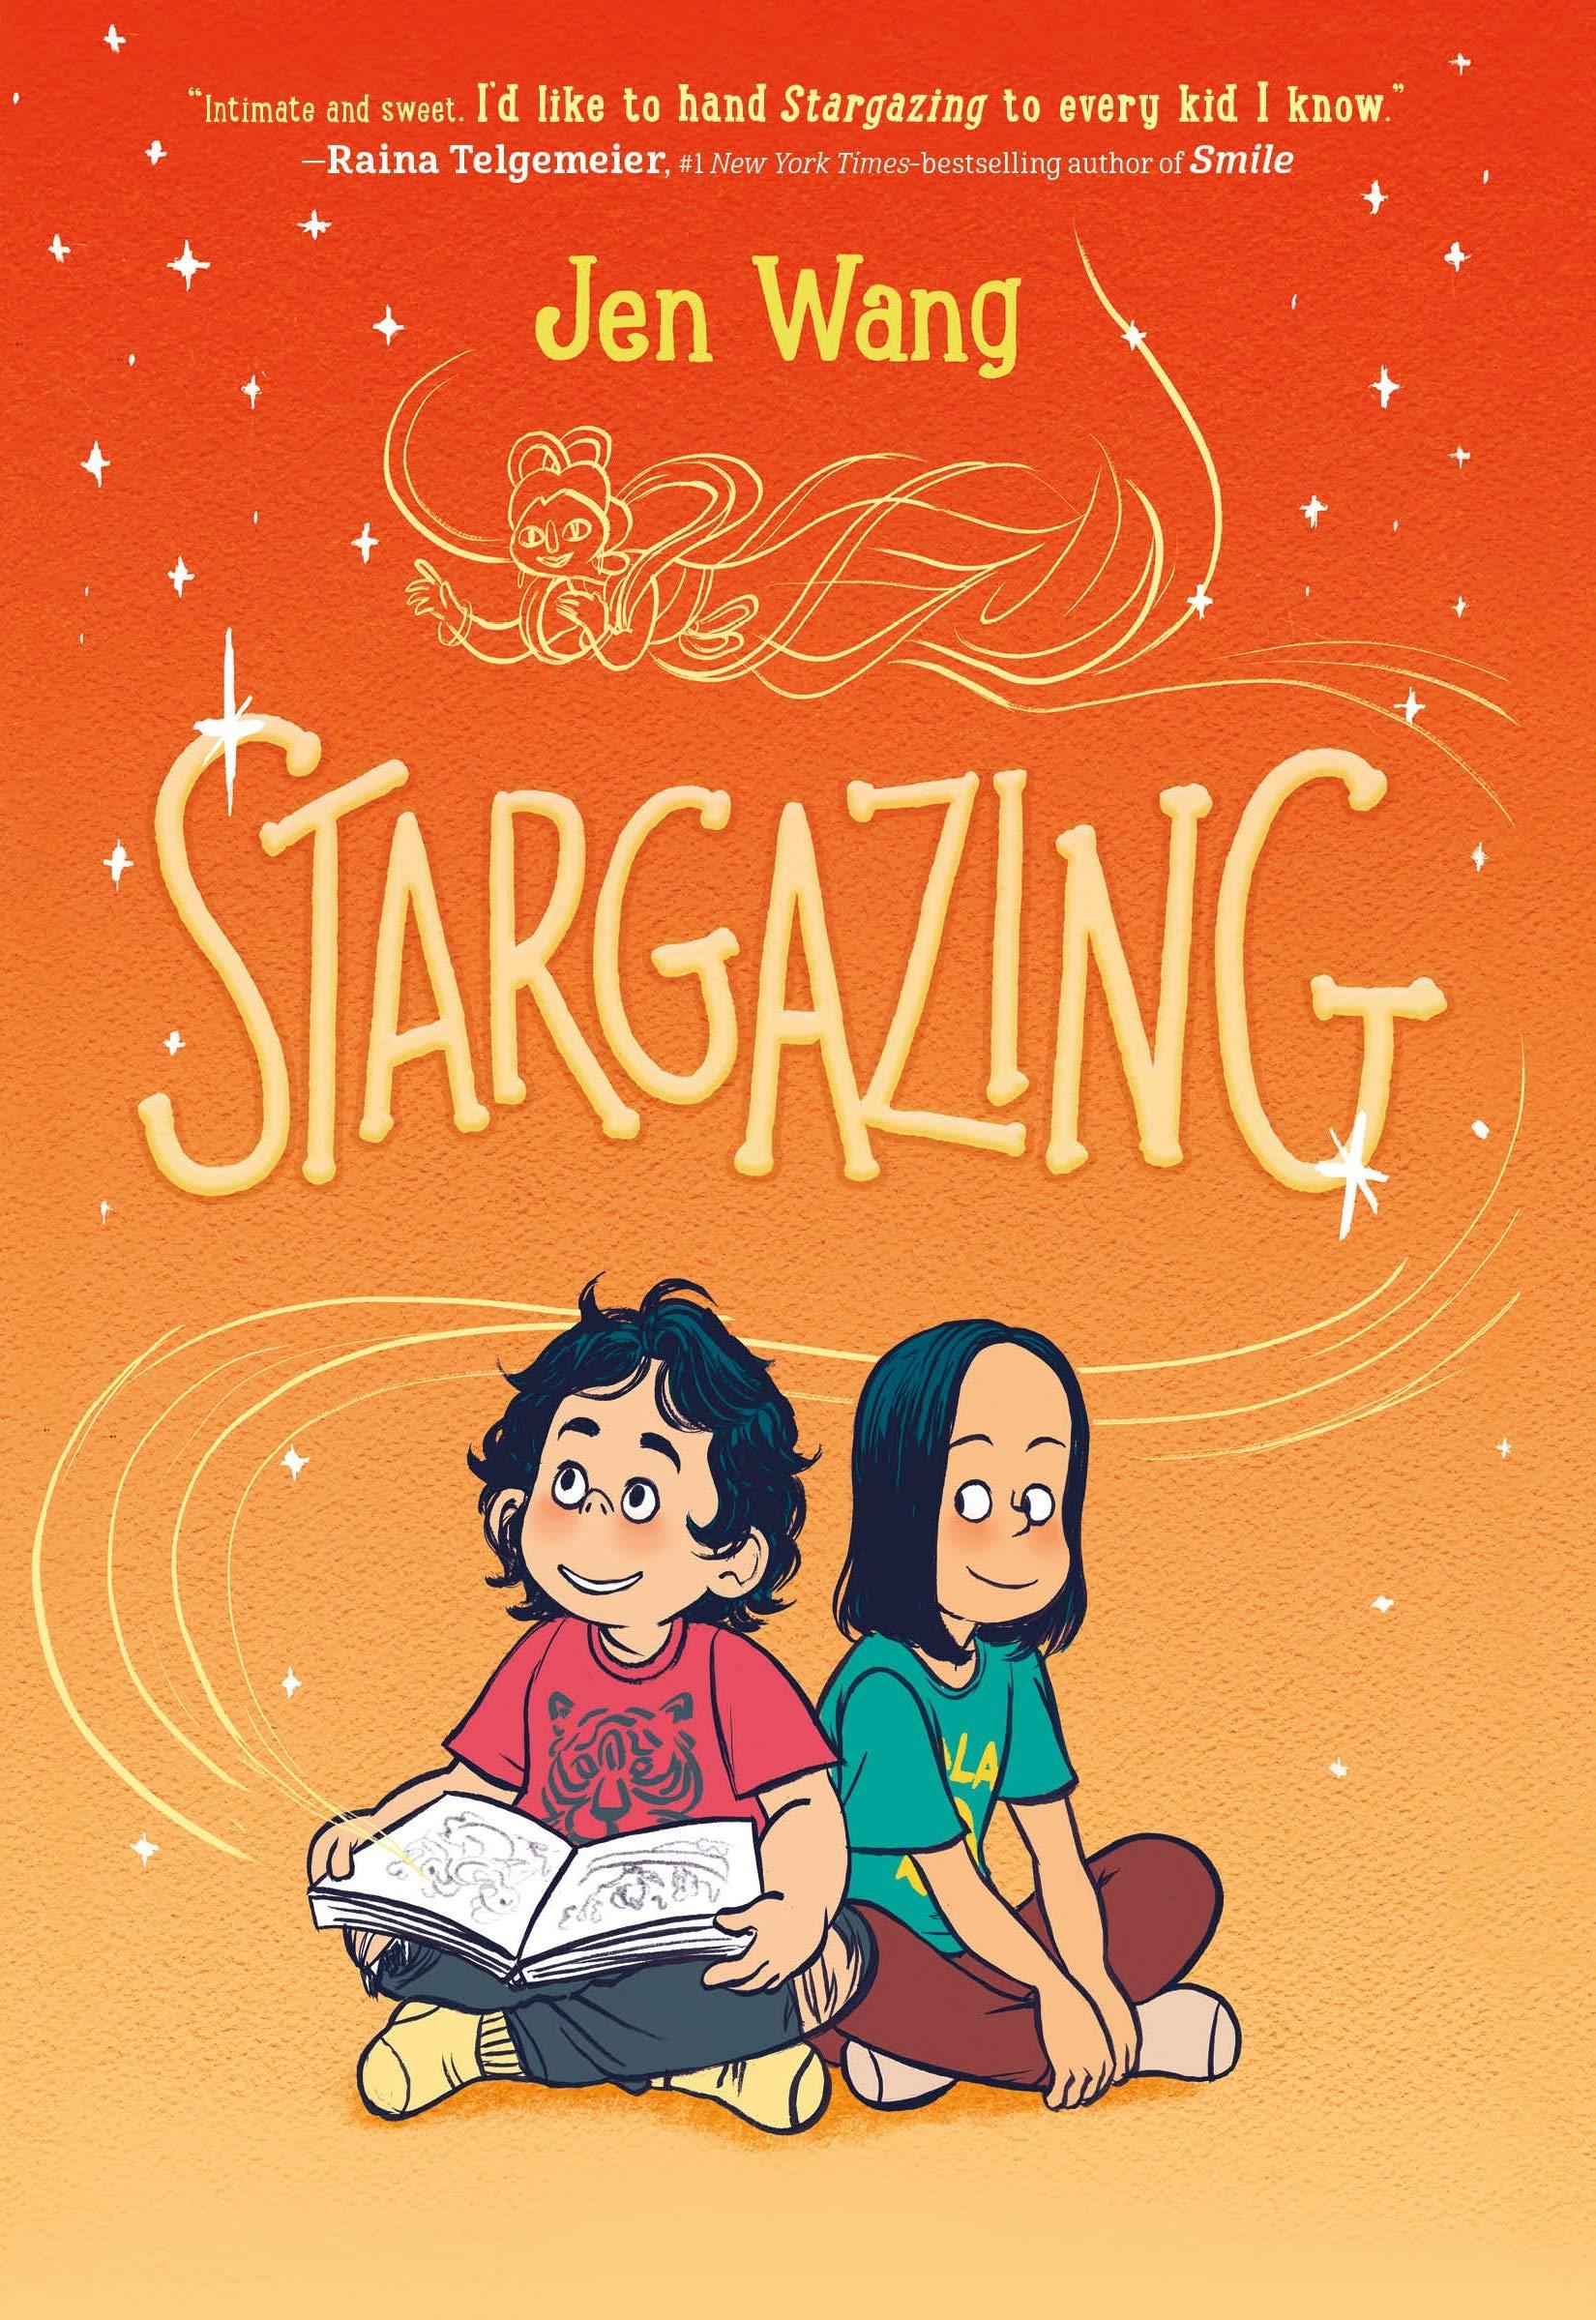 Stargazing Jen Wang Amazon Books